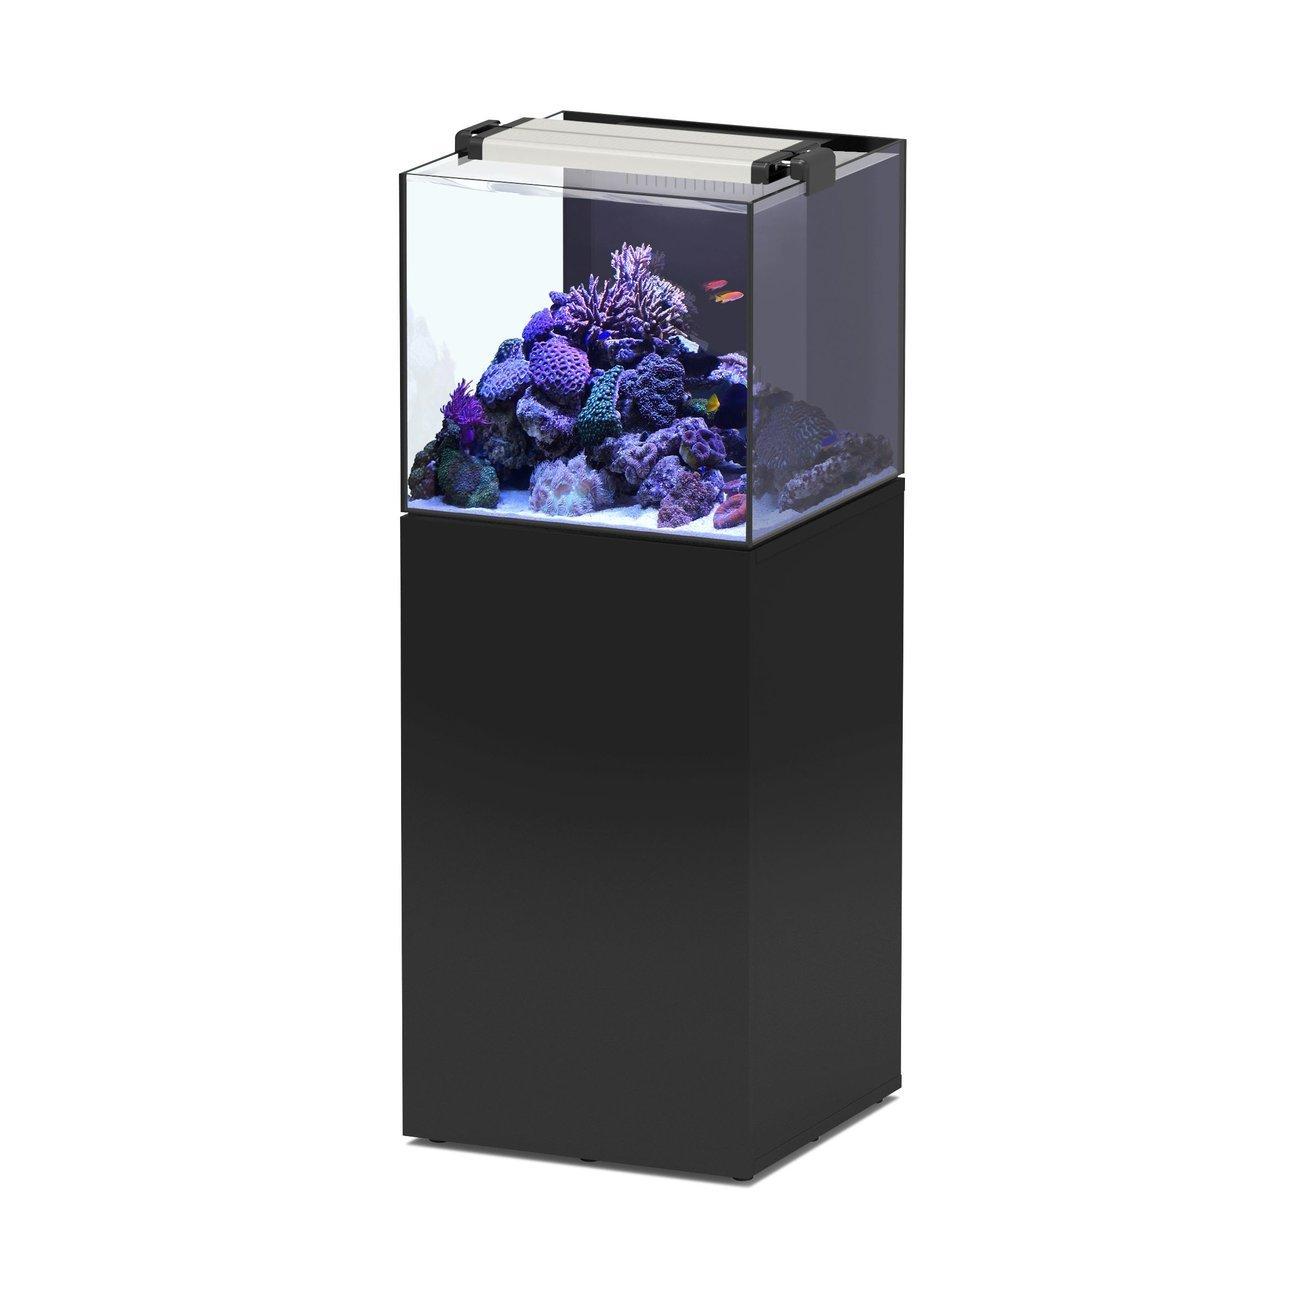 Aquatlantis AquaView 50 mit Unterschrank, Bild 2